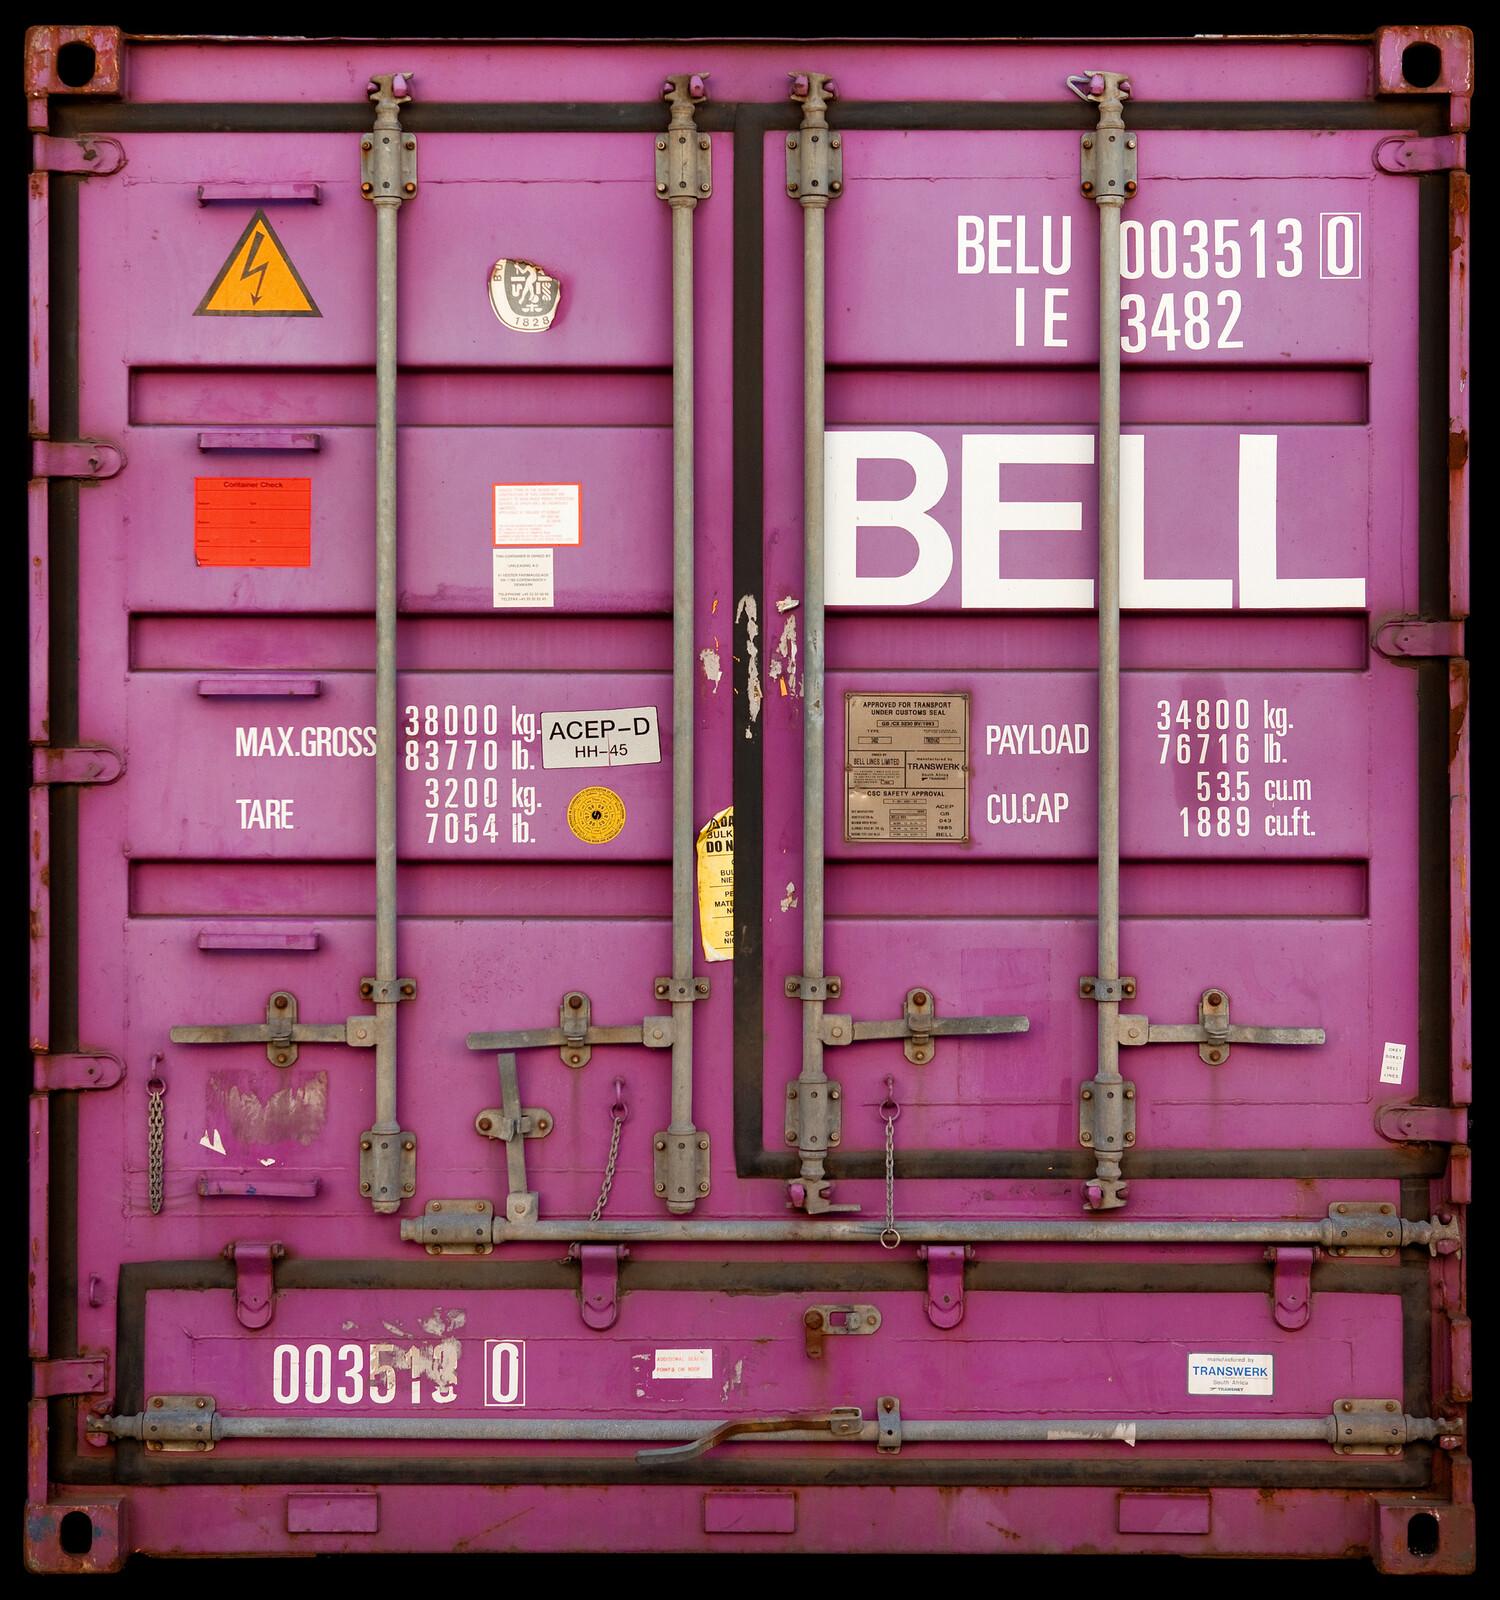 BELU 0035130 IE3482 - Thomas Eigel